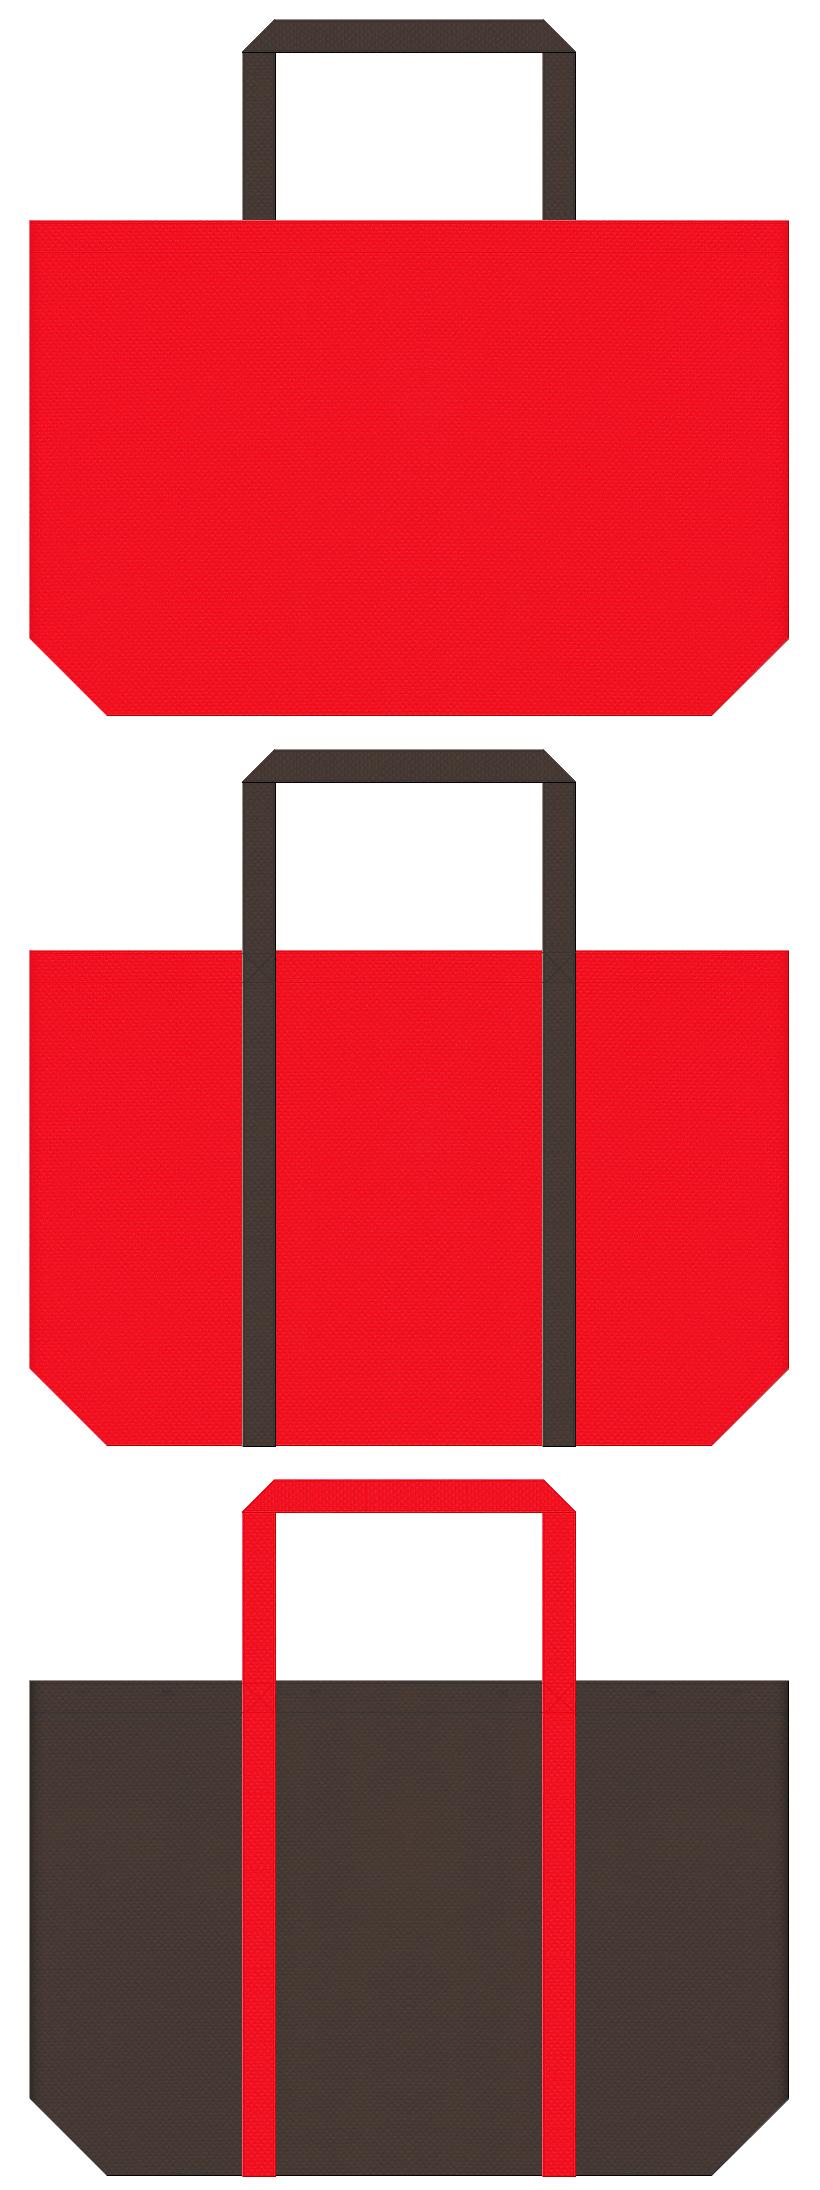 暖炉・ストーブ・暖房器具・トナカイ・クリスマスセールにお奨めの不織布ショッピングバッグのデザイン:赤色とこげ茶色のコーデ